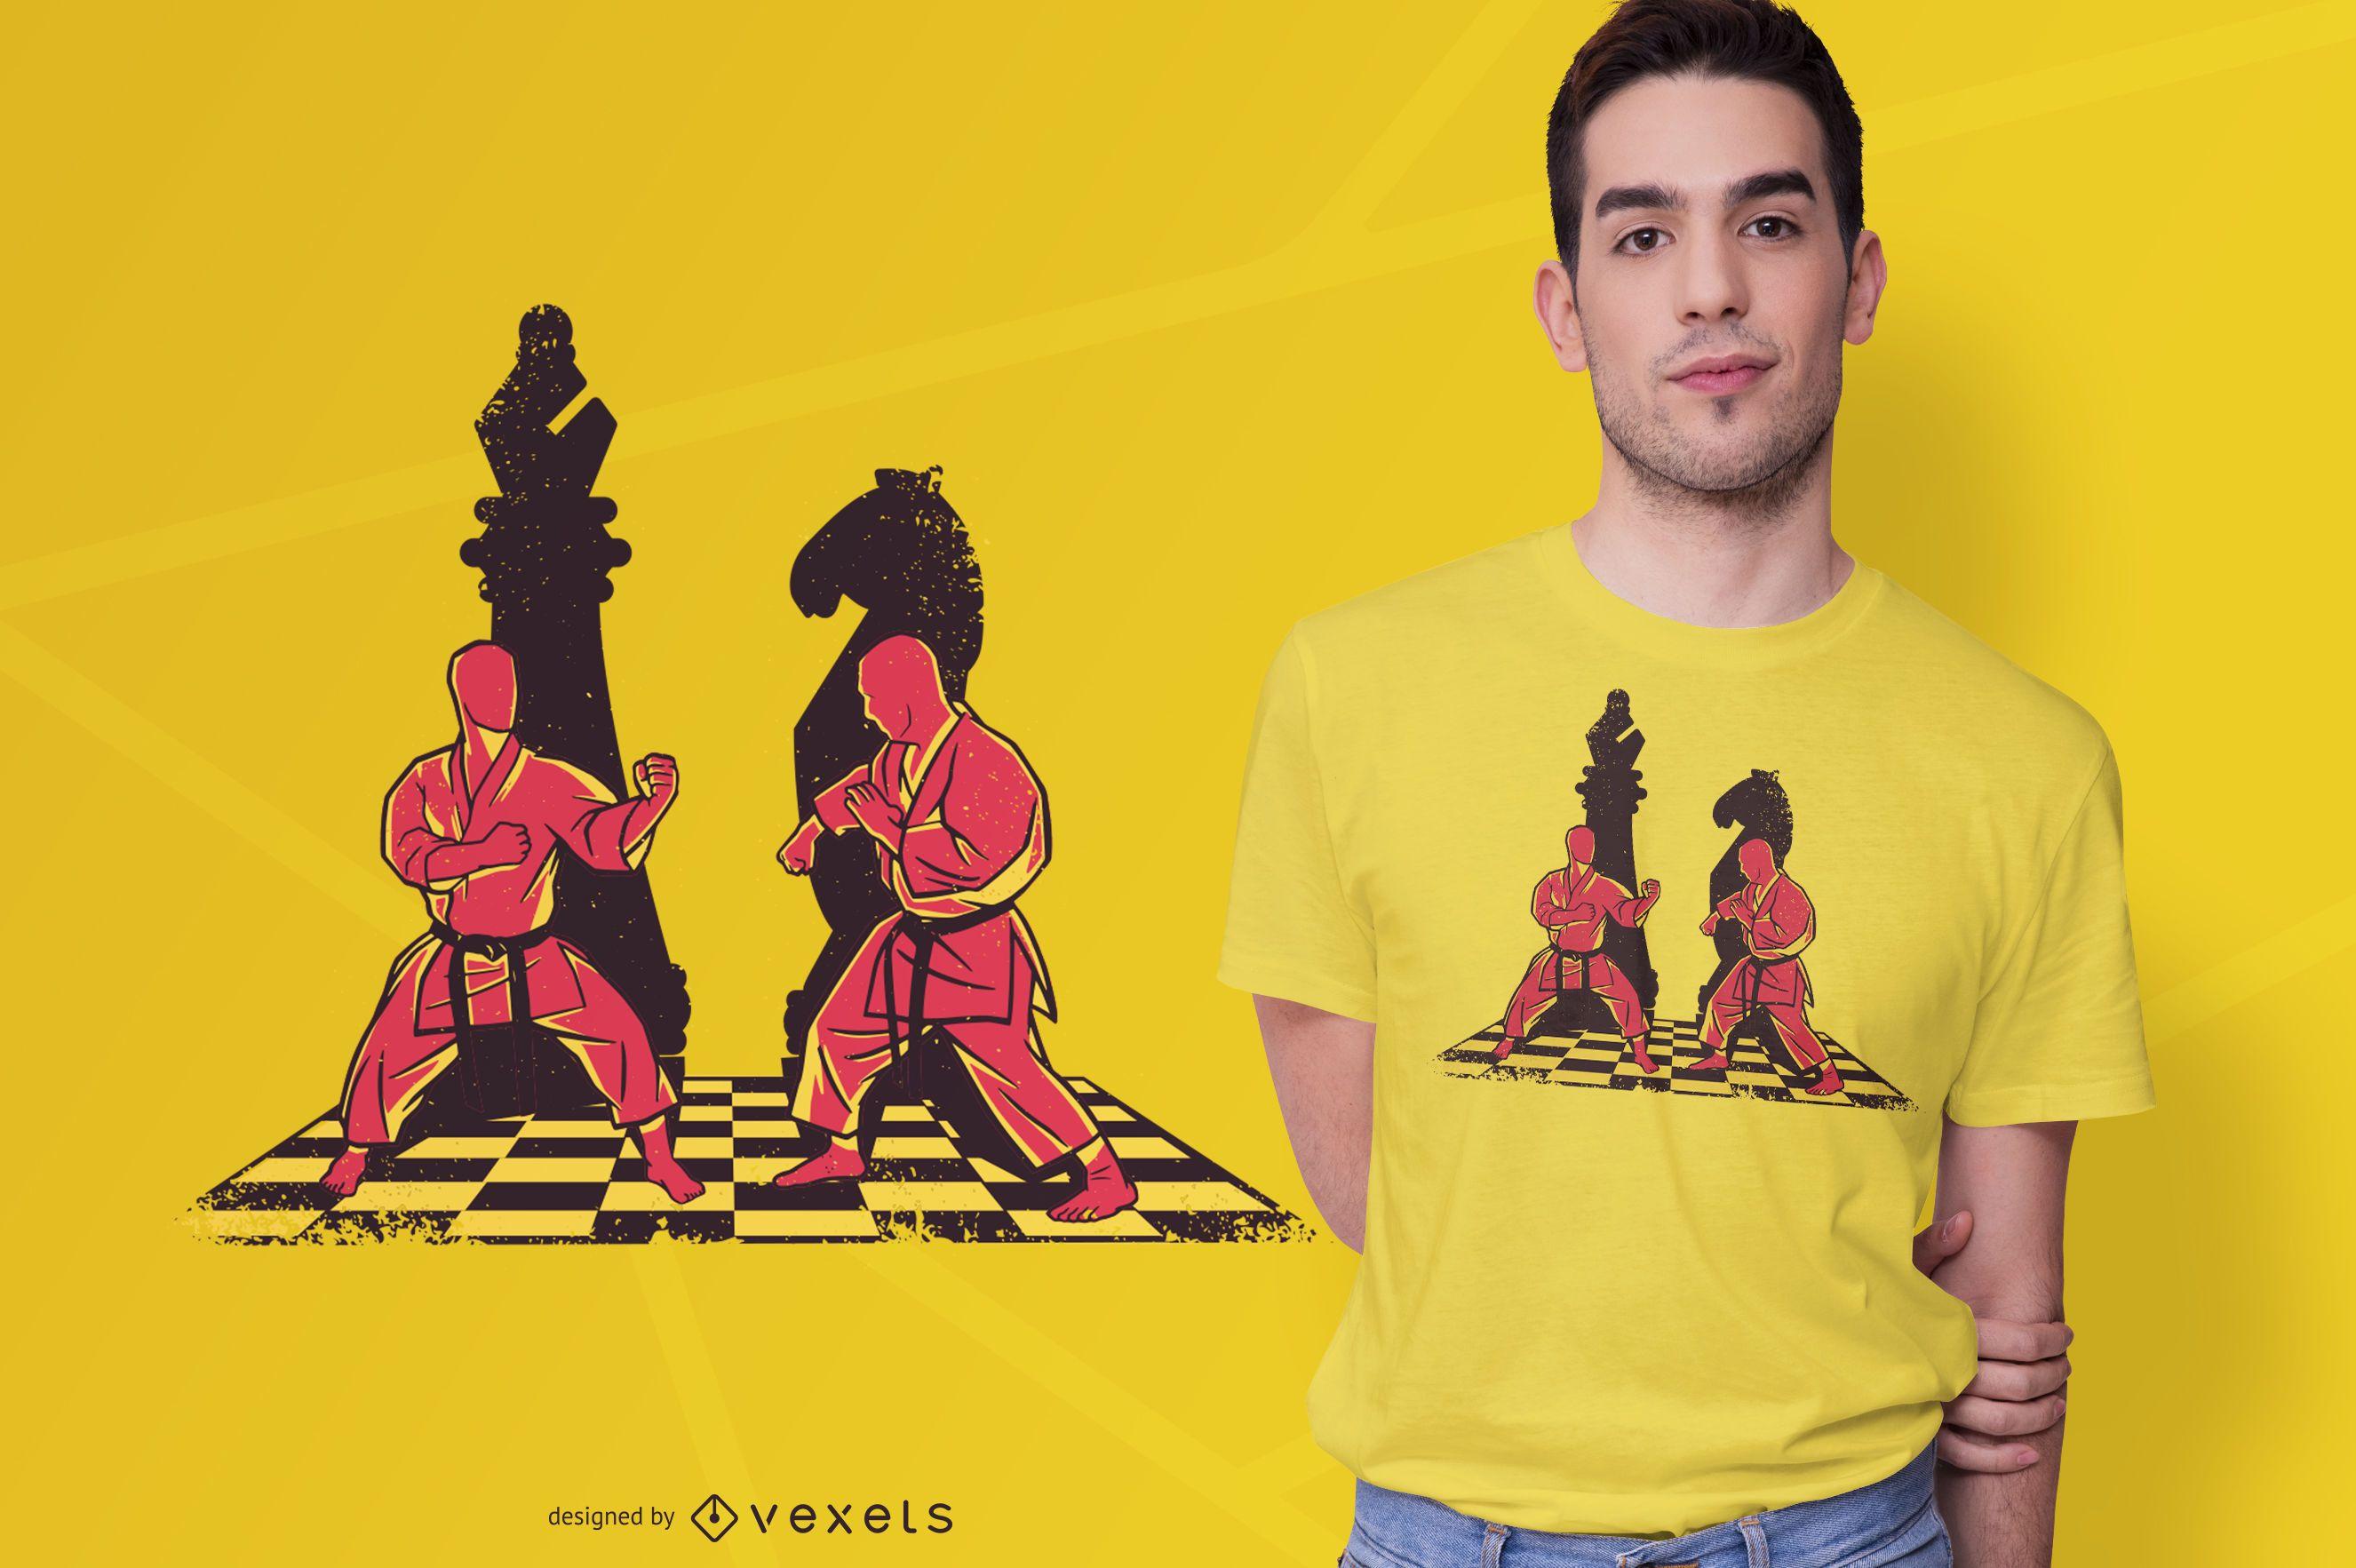 Martial Artist Chess Pieces T-shirt Design